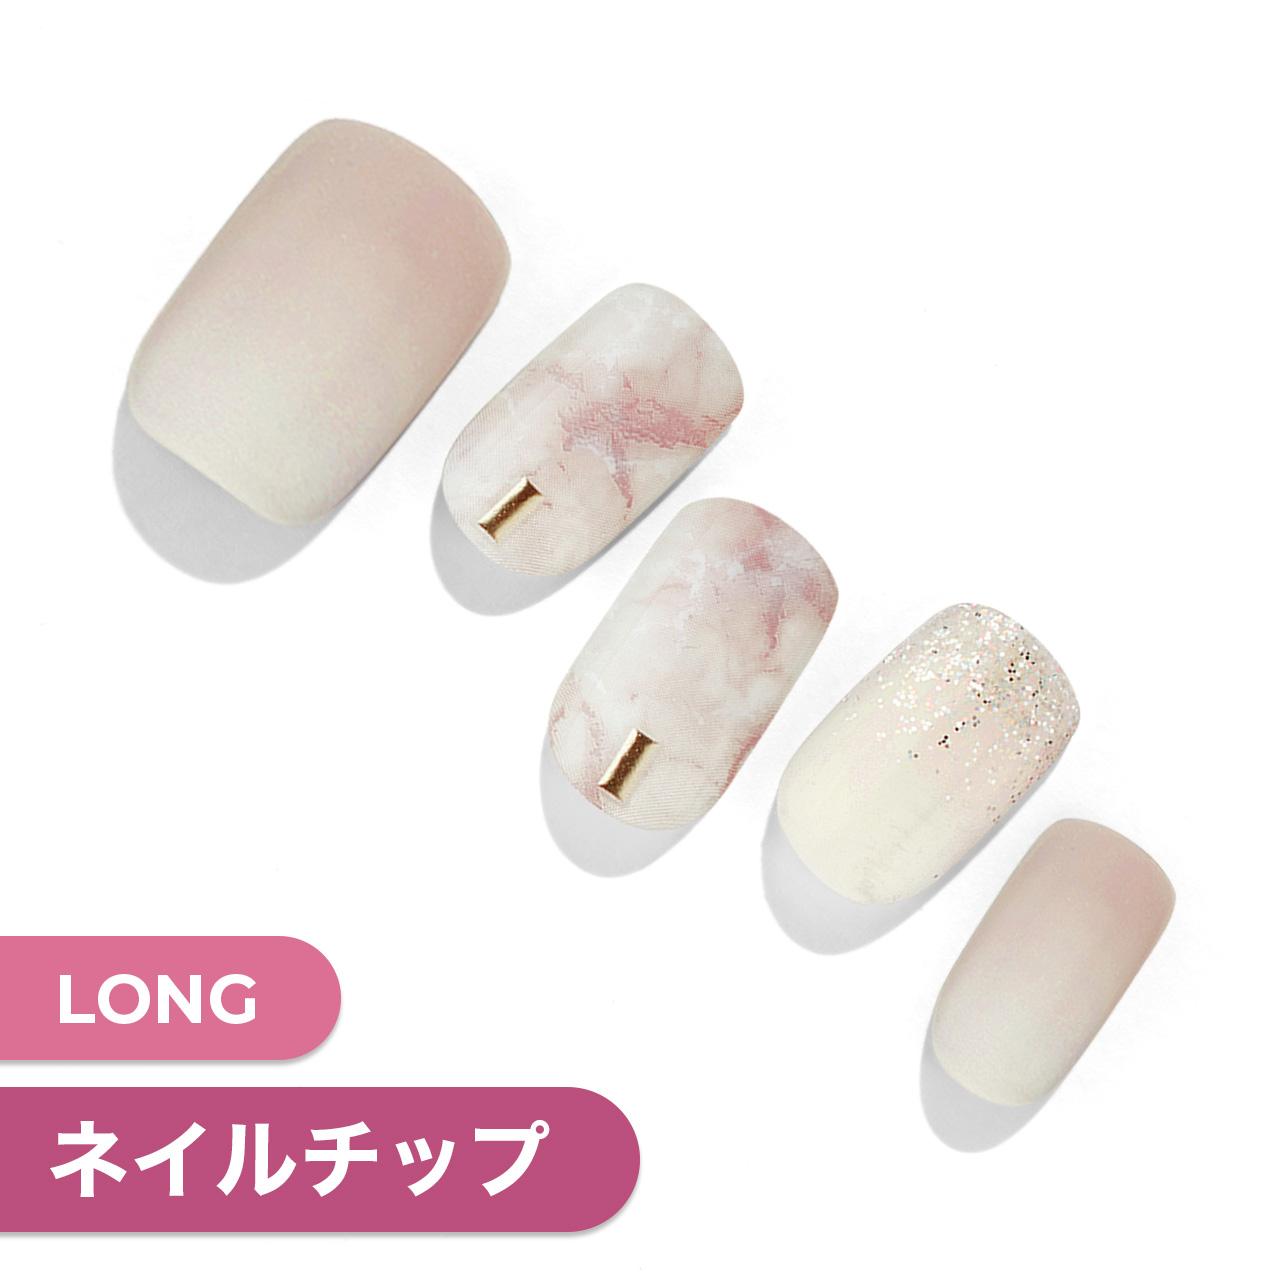 【Creamy Beige】ダッシングディバマジックプレス